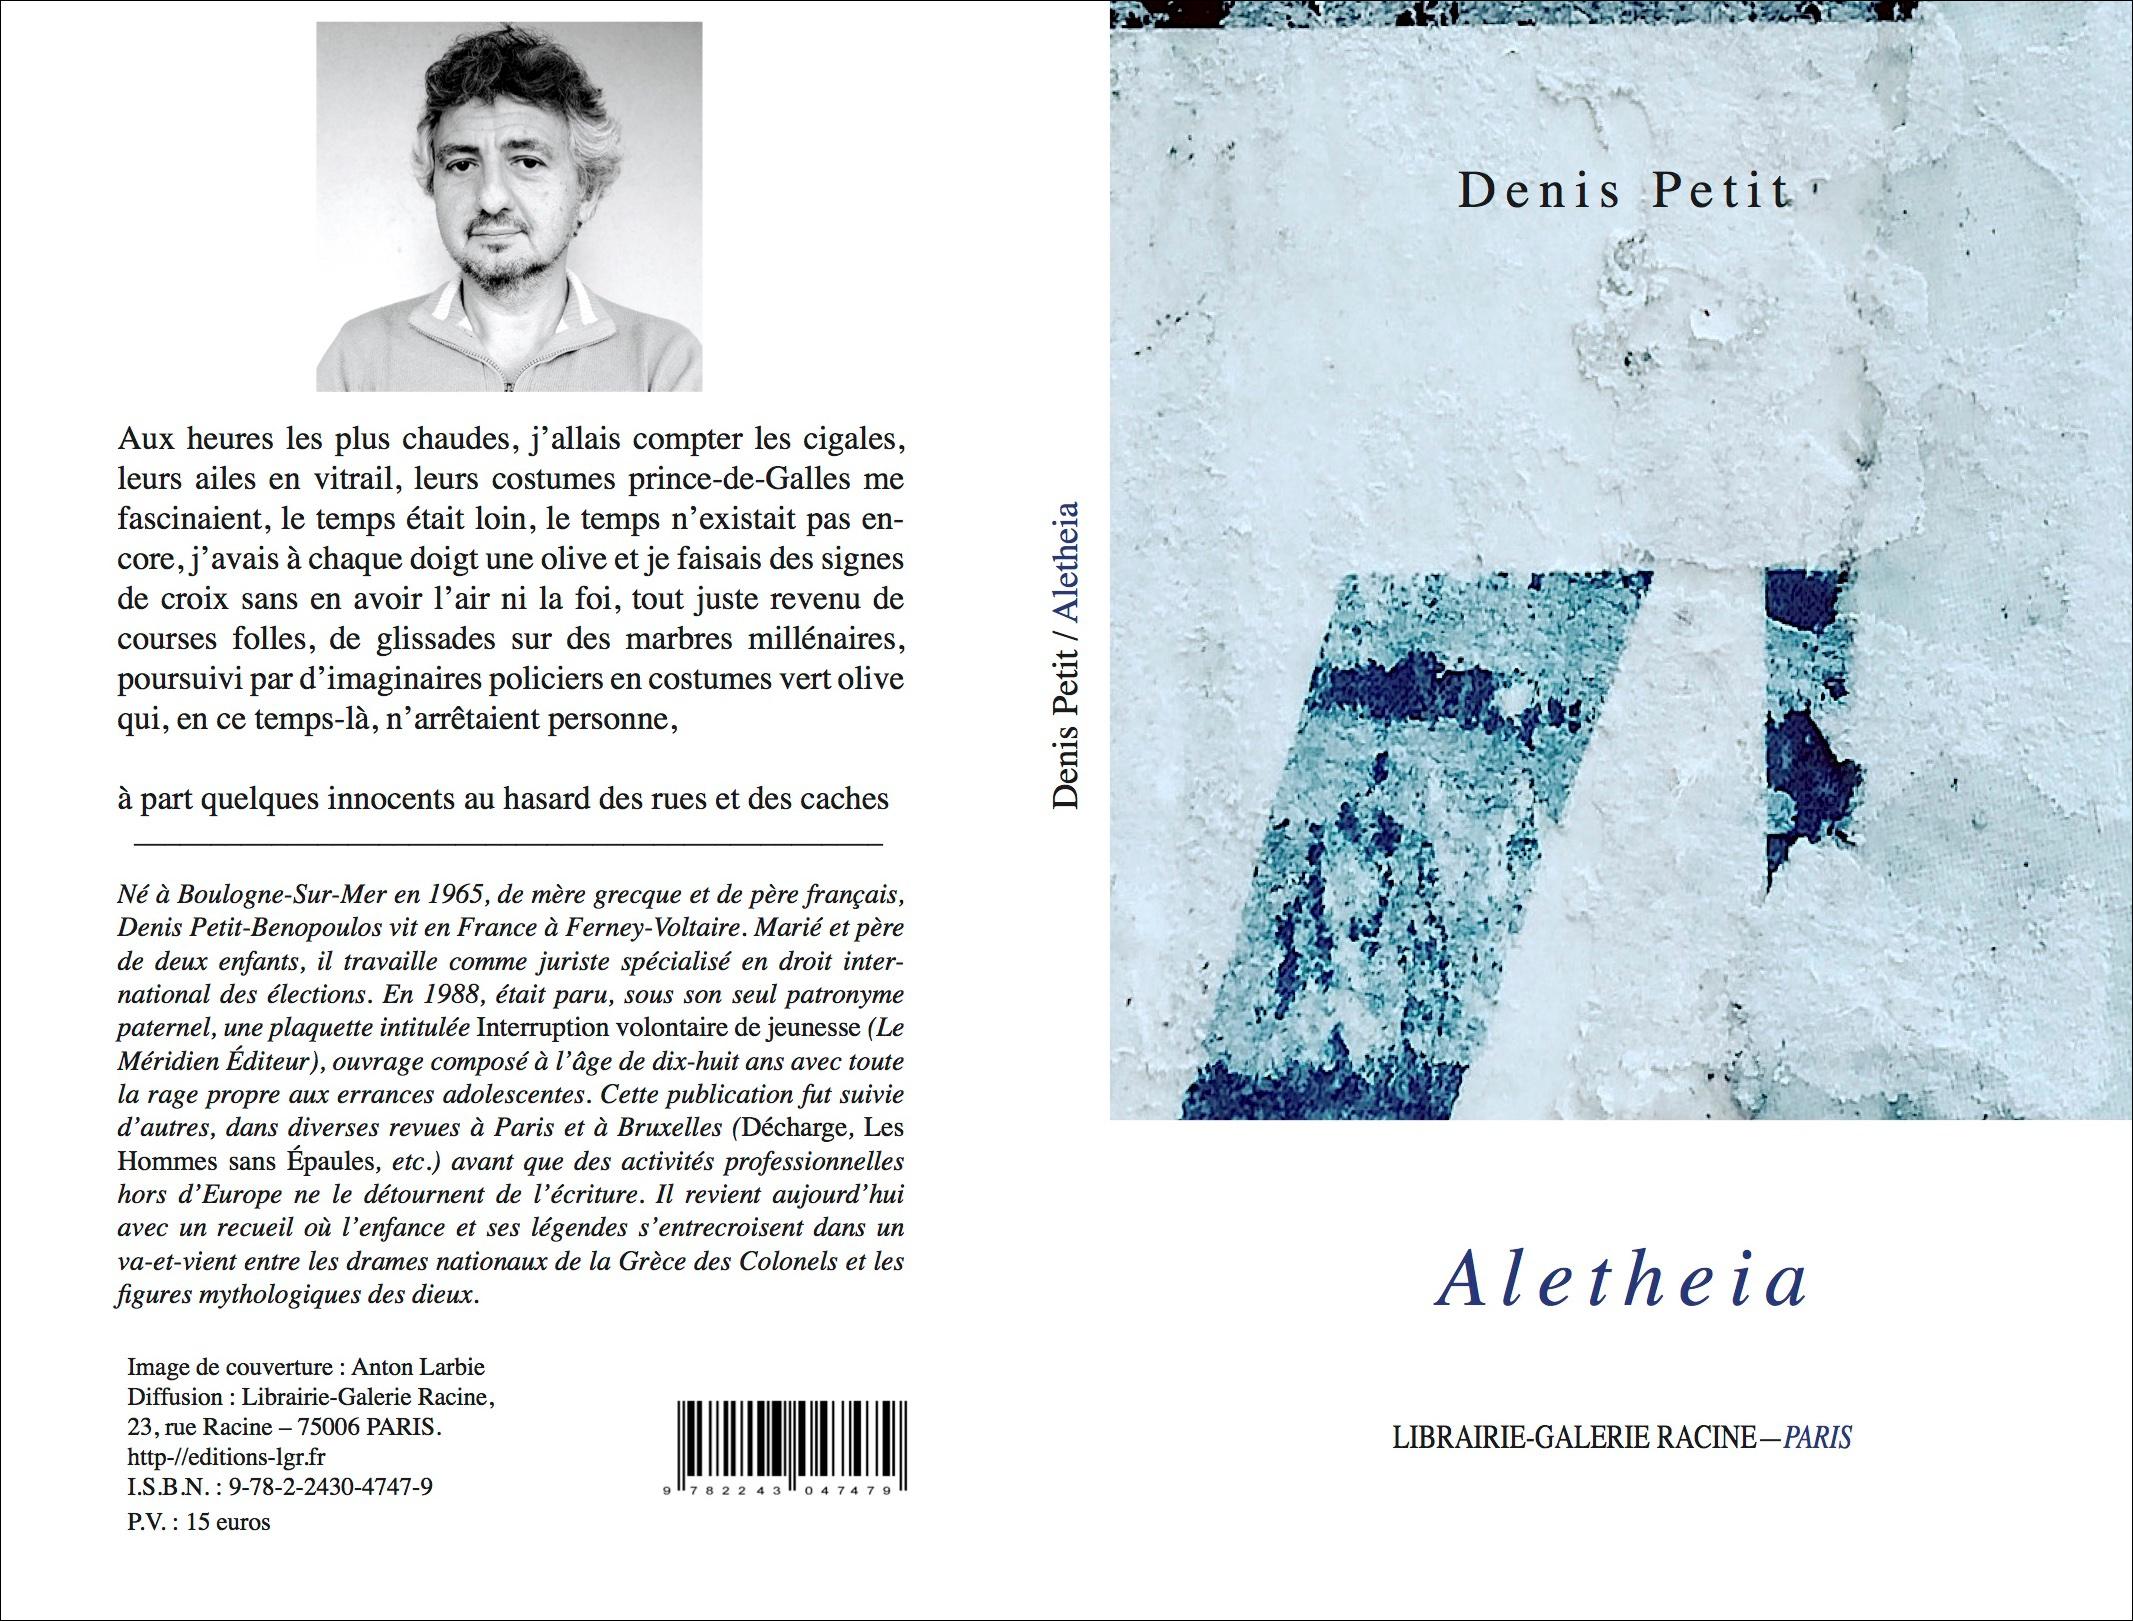 Denis PETIT - Aletheia